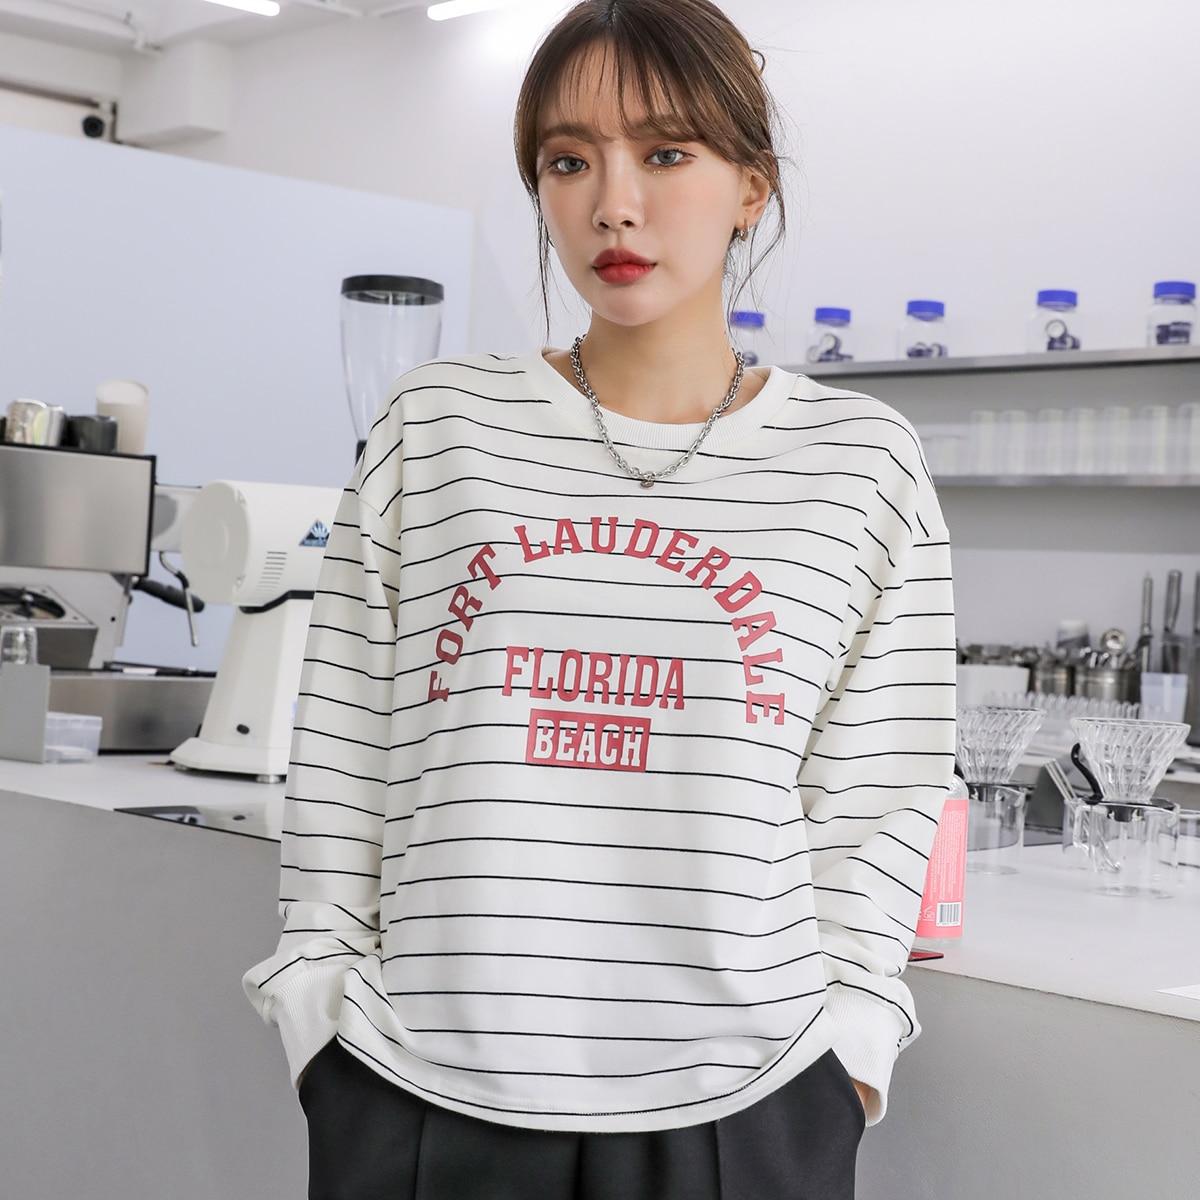 Пуловер в полоску с текстовым принтом